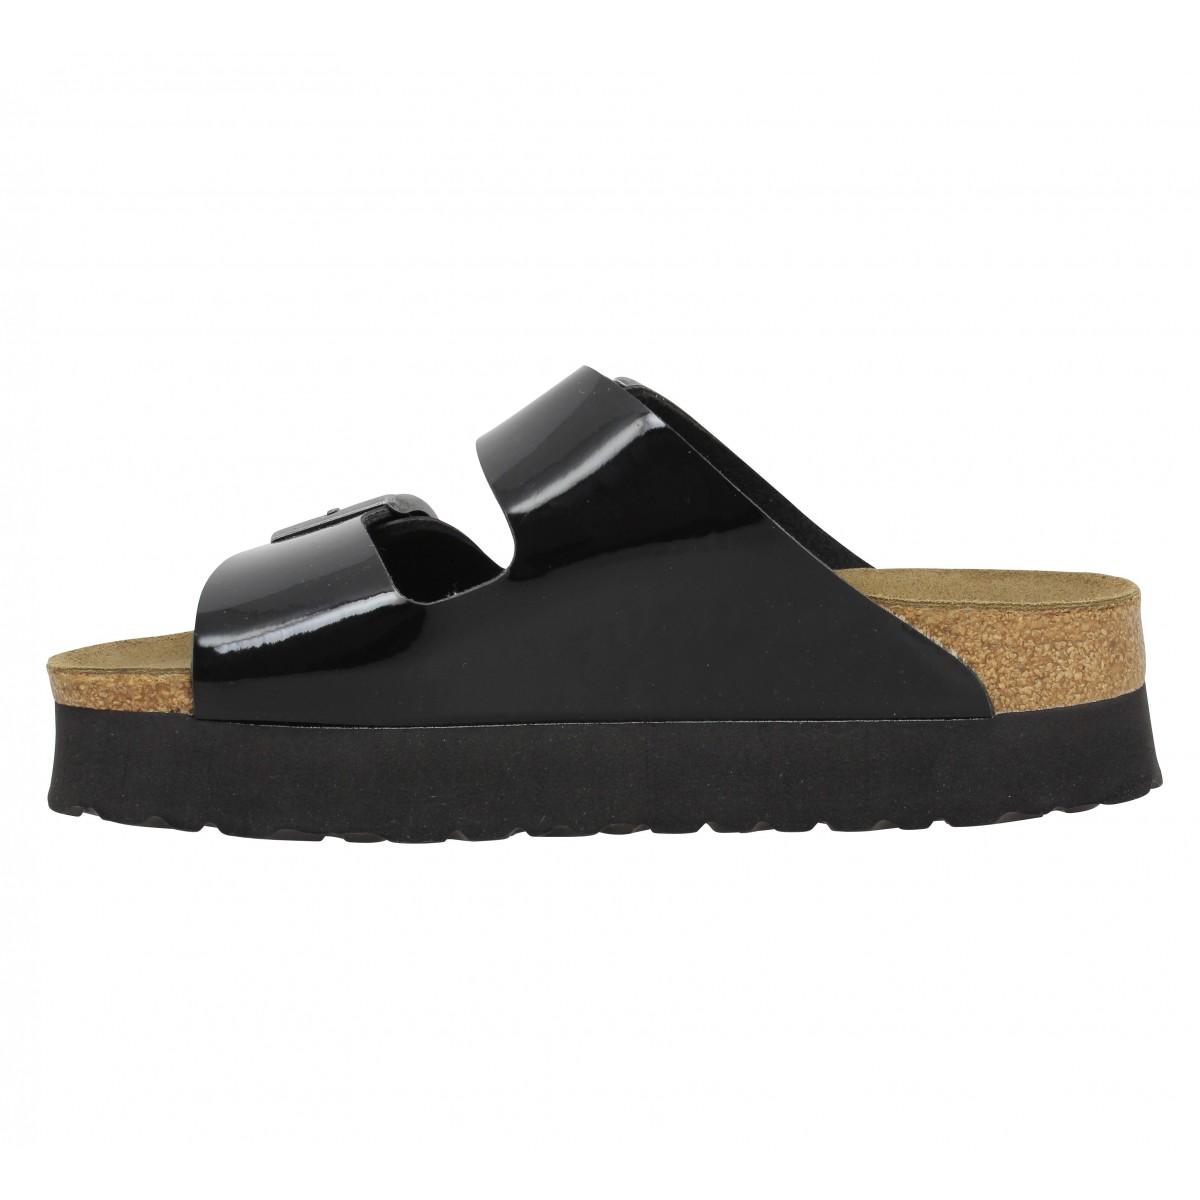 soldes papillio arizona platform birko flor vernis femme noir fanny chaussures. Black Bedroom Furniture Sets. Home Design Ideas